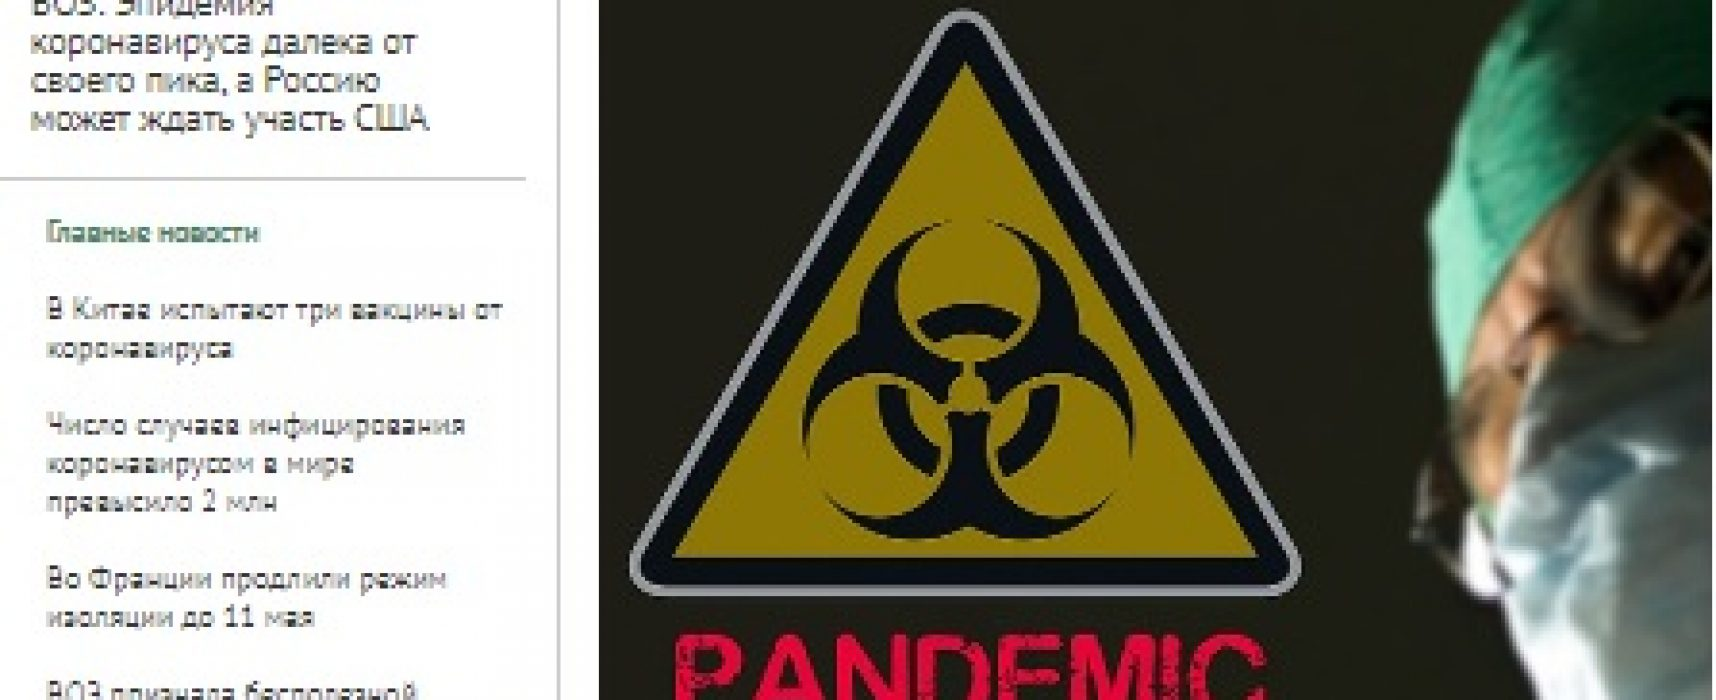 Фейк: Задержка дыхания на 10 секунд позволяет обнаружить коронавирус